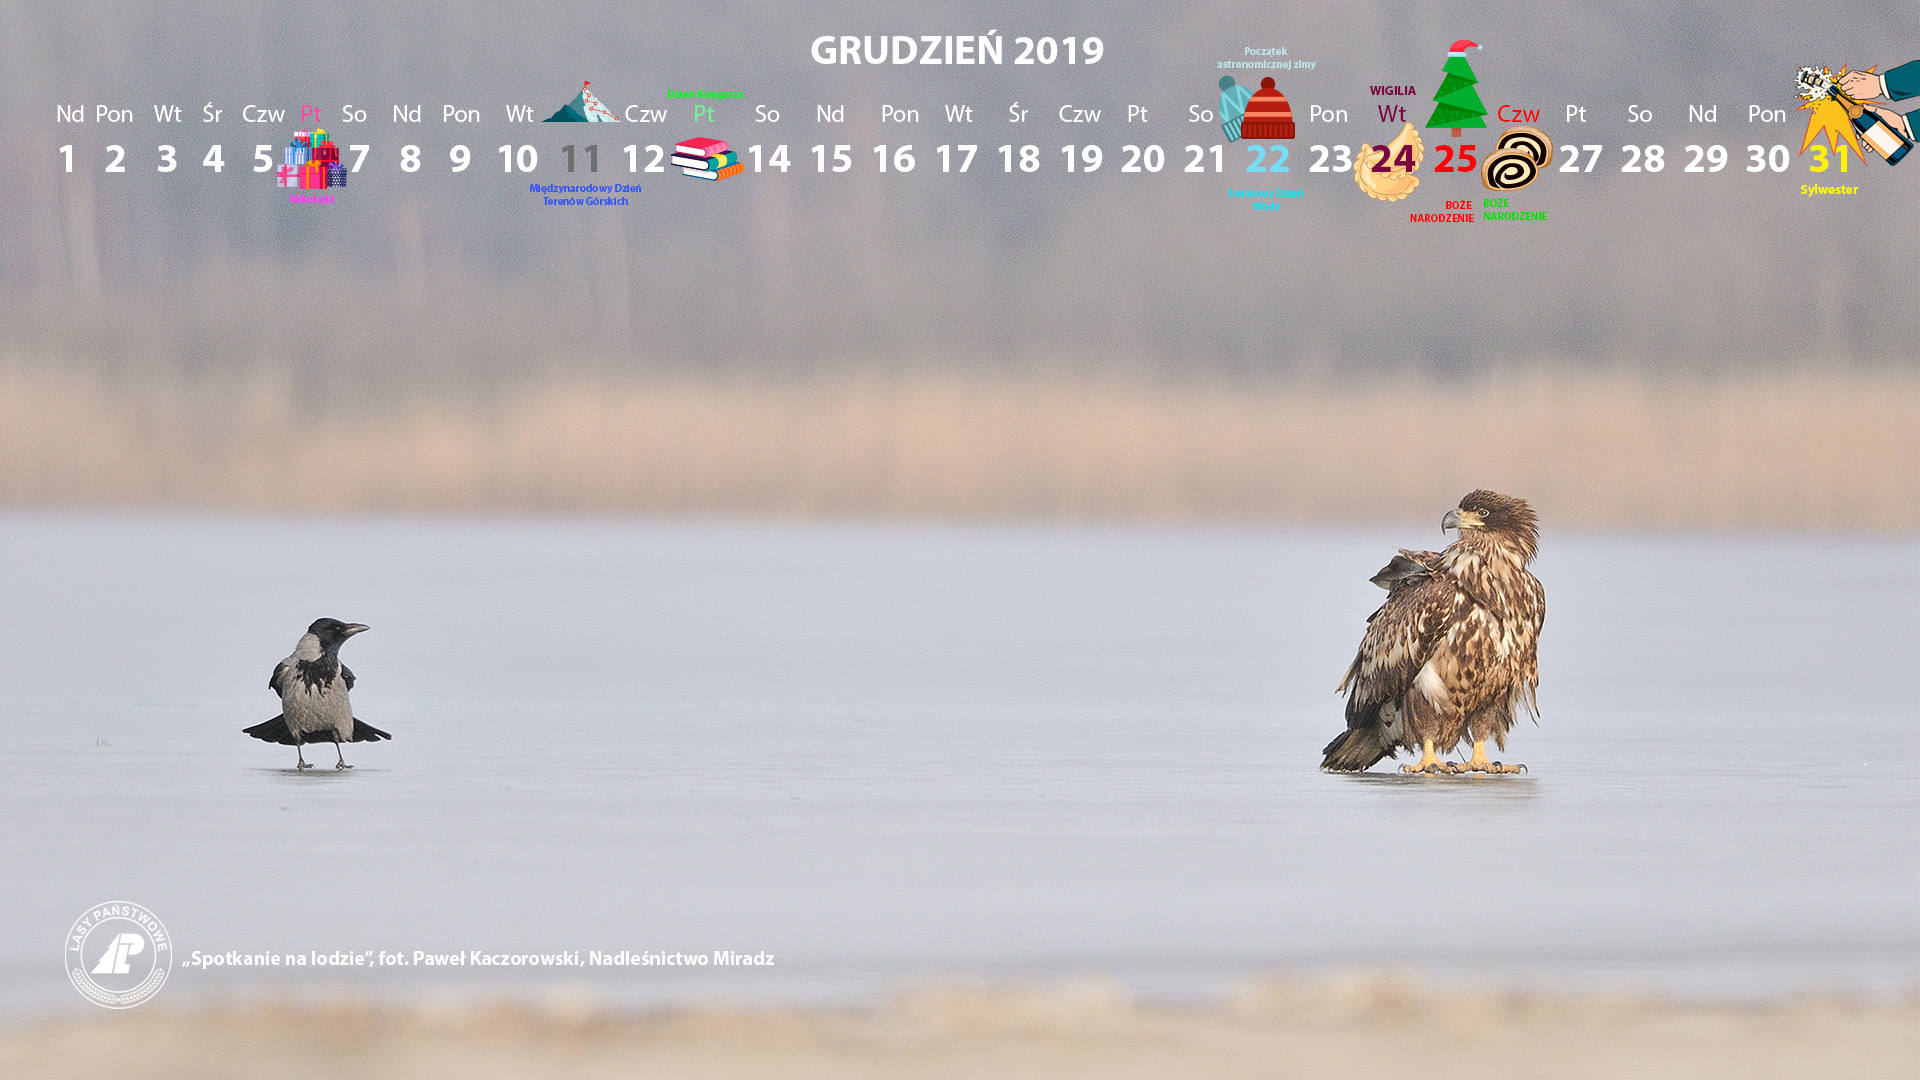 Kalendarz 12 2019 1920x1080.jpg